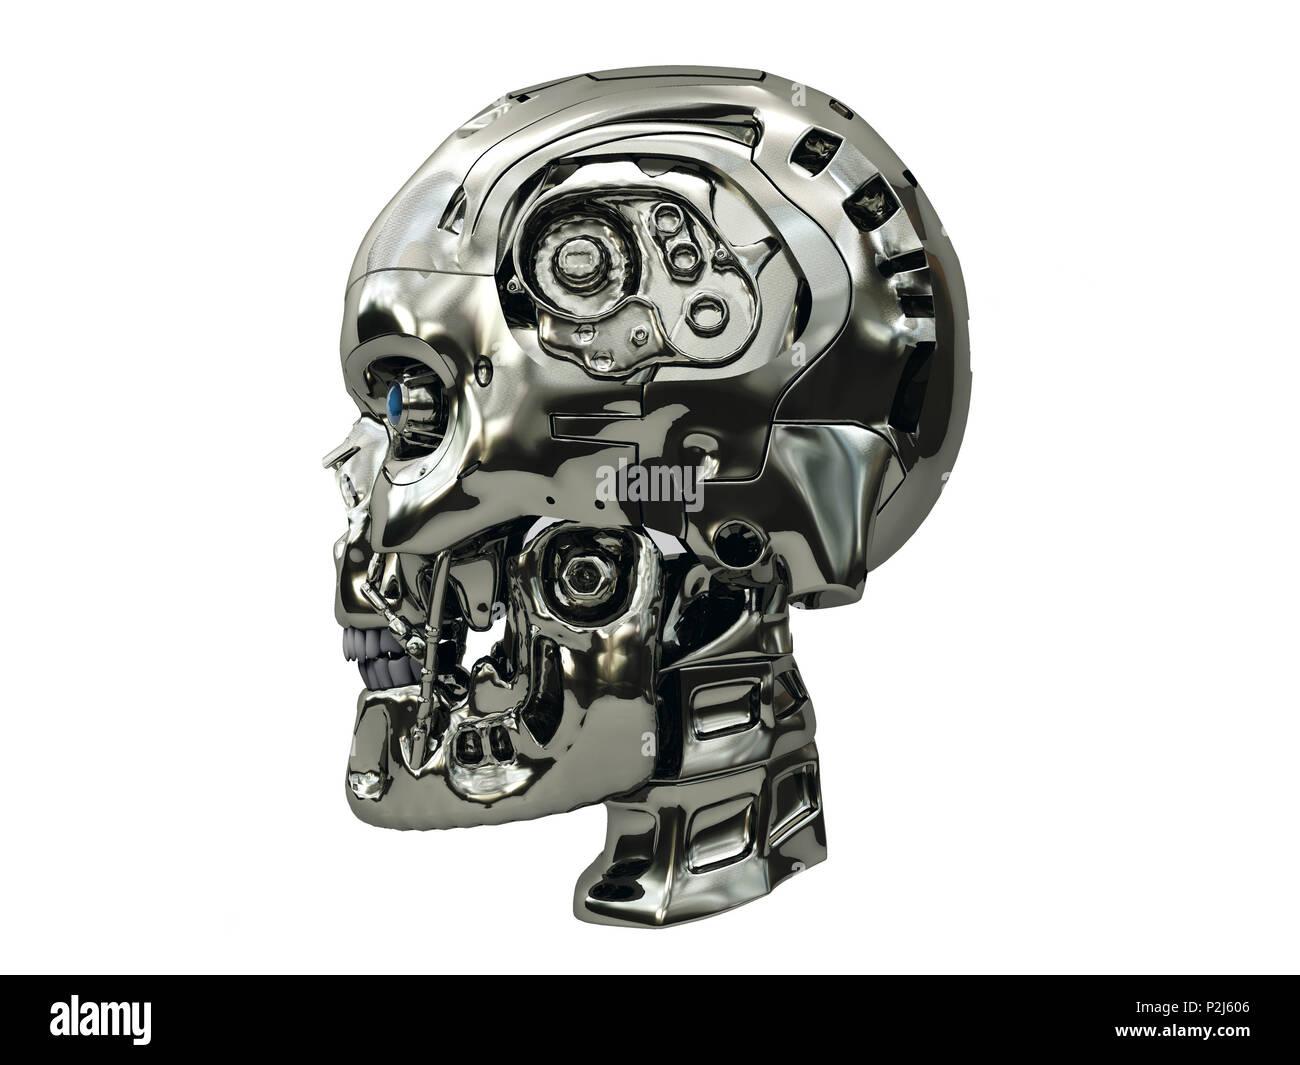 Cráneo del robot con superficie metálica y los ojos brillantes de color azul en la vista lateral, aislado sobre fondo blanco. Imagen De Stock